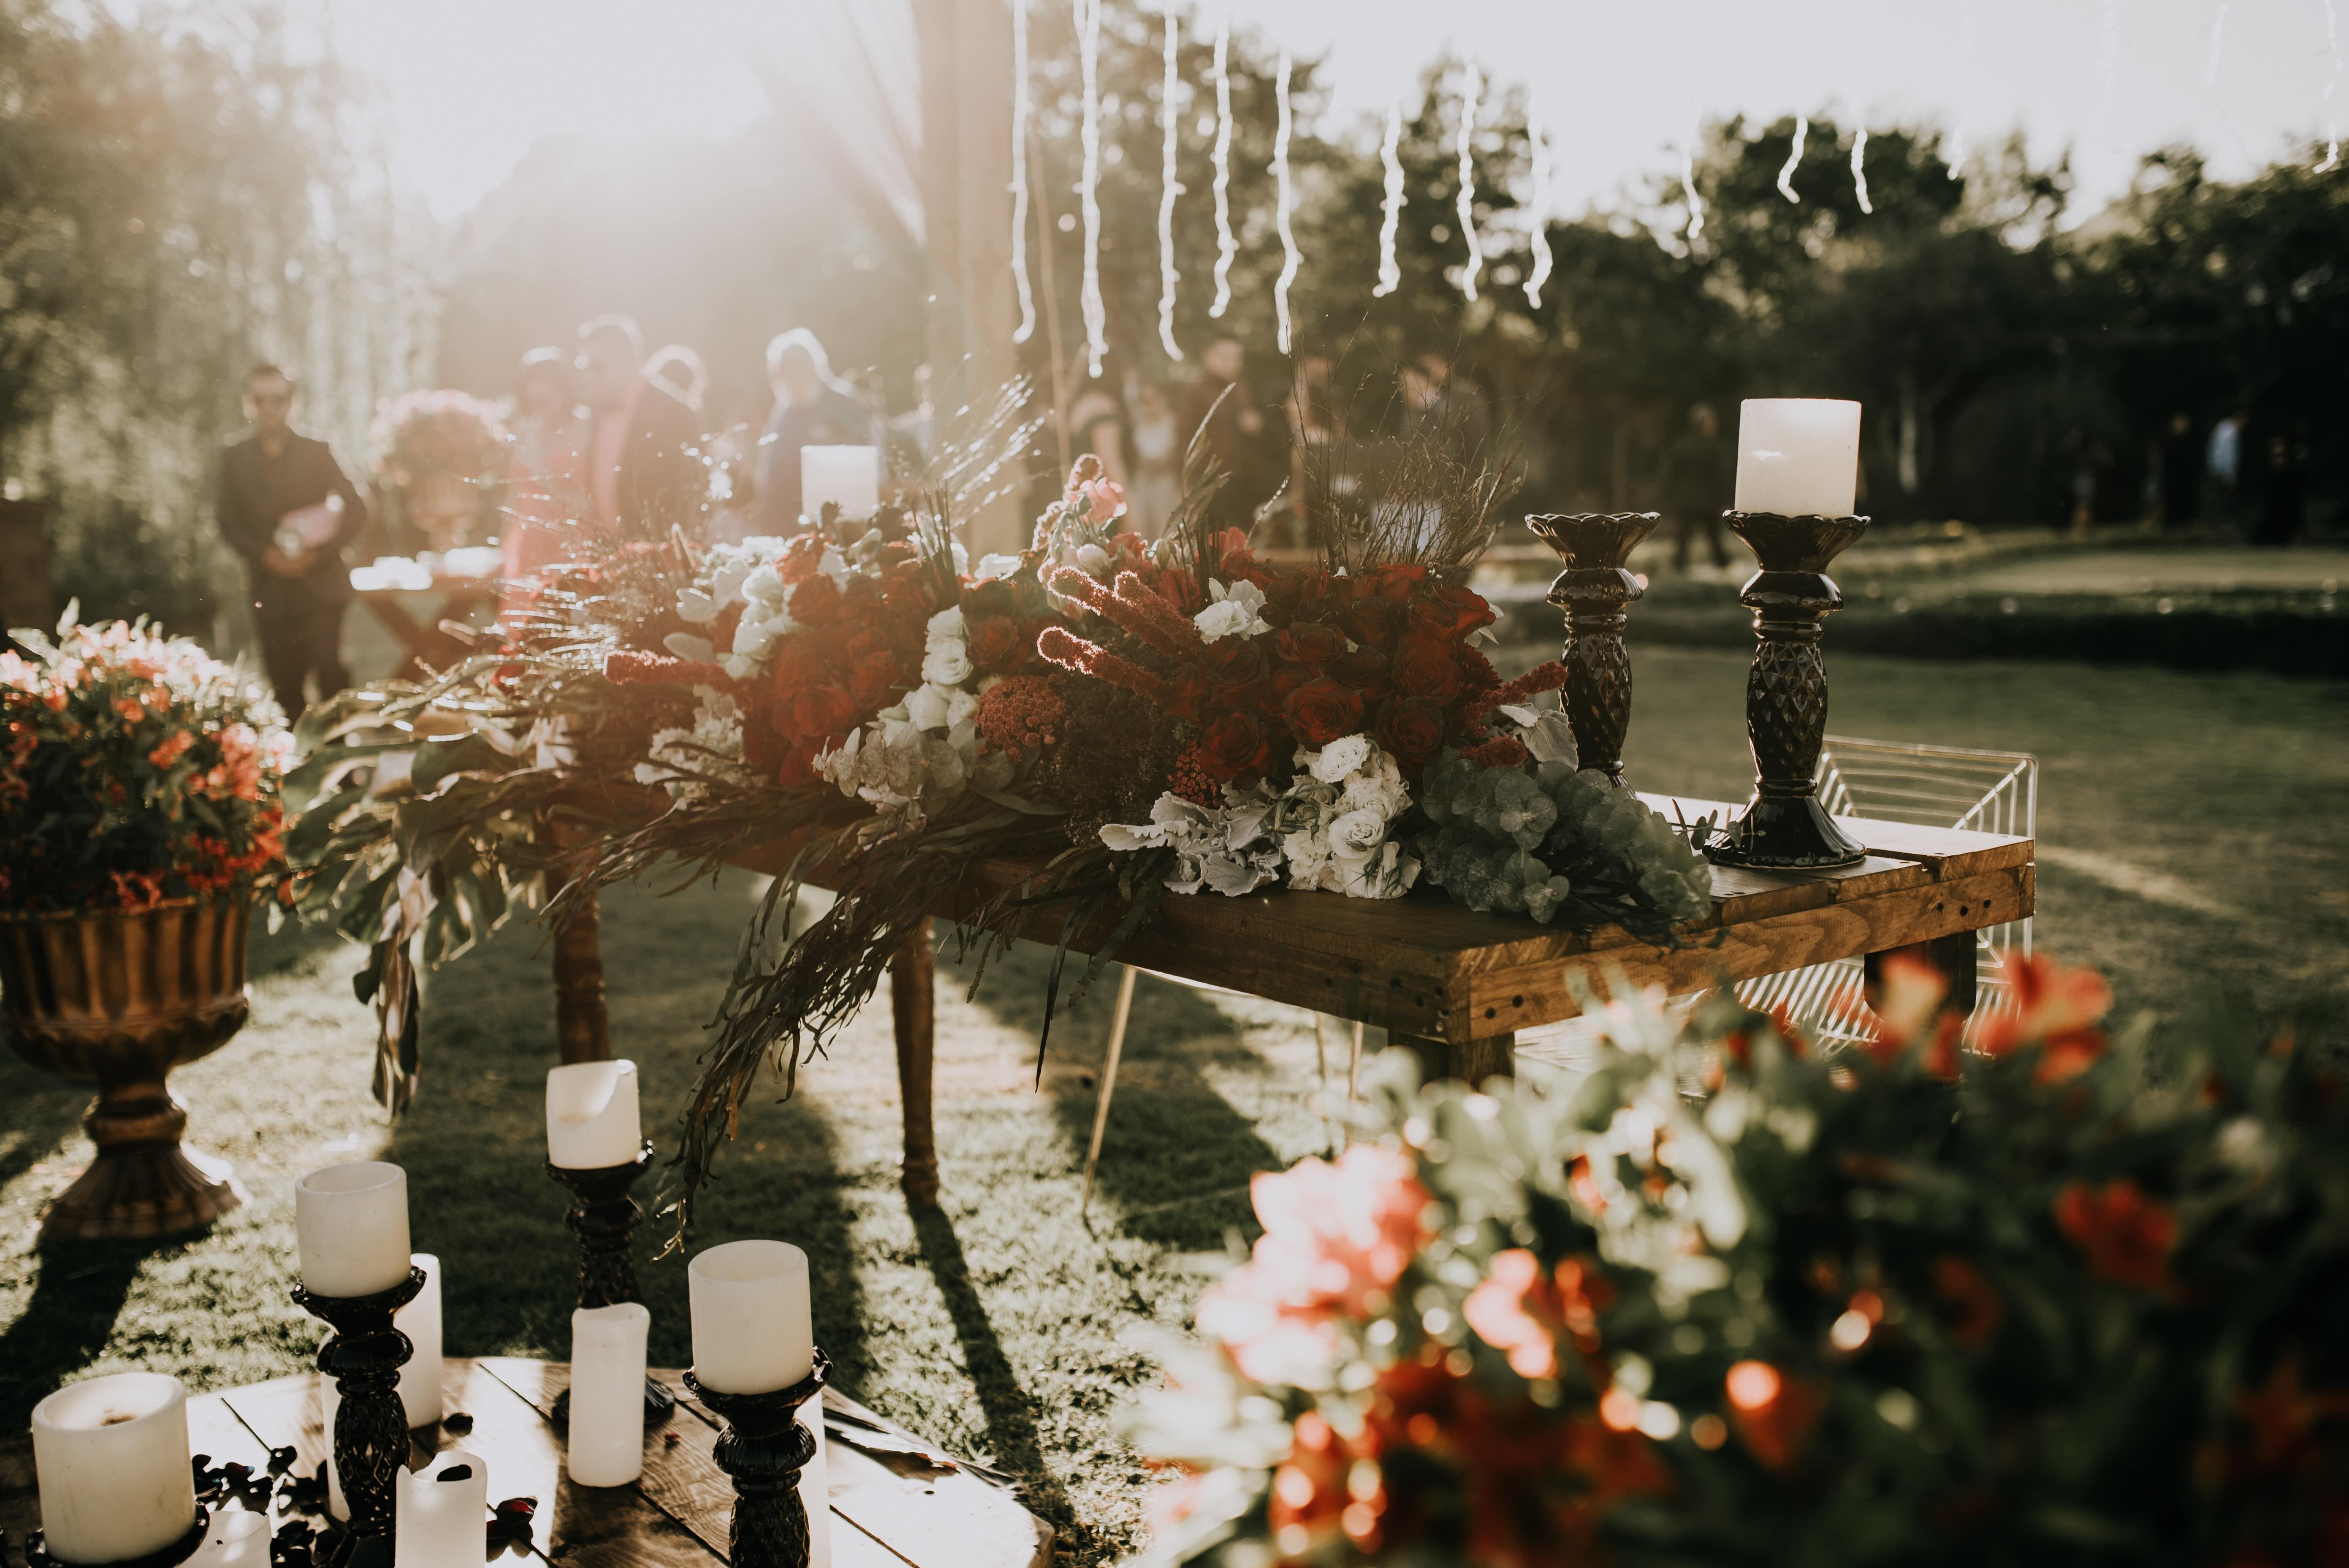 Herfst decoratie bruiloft